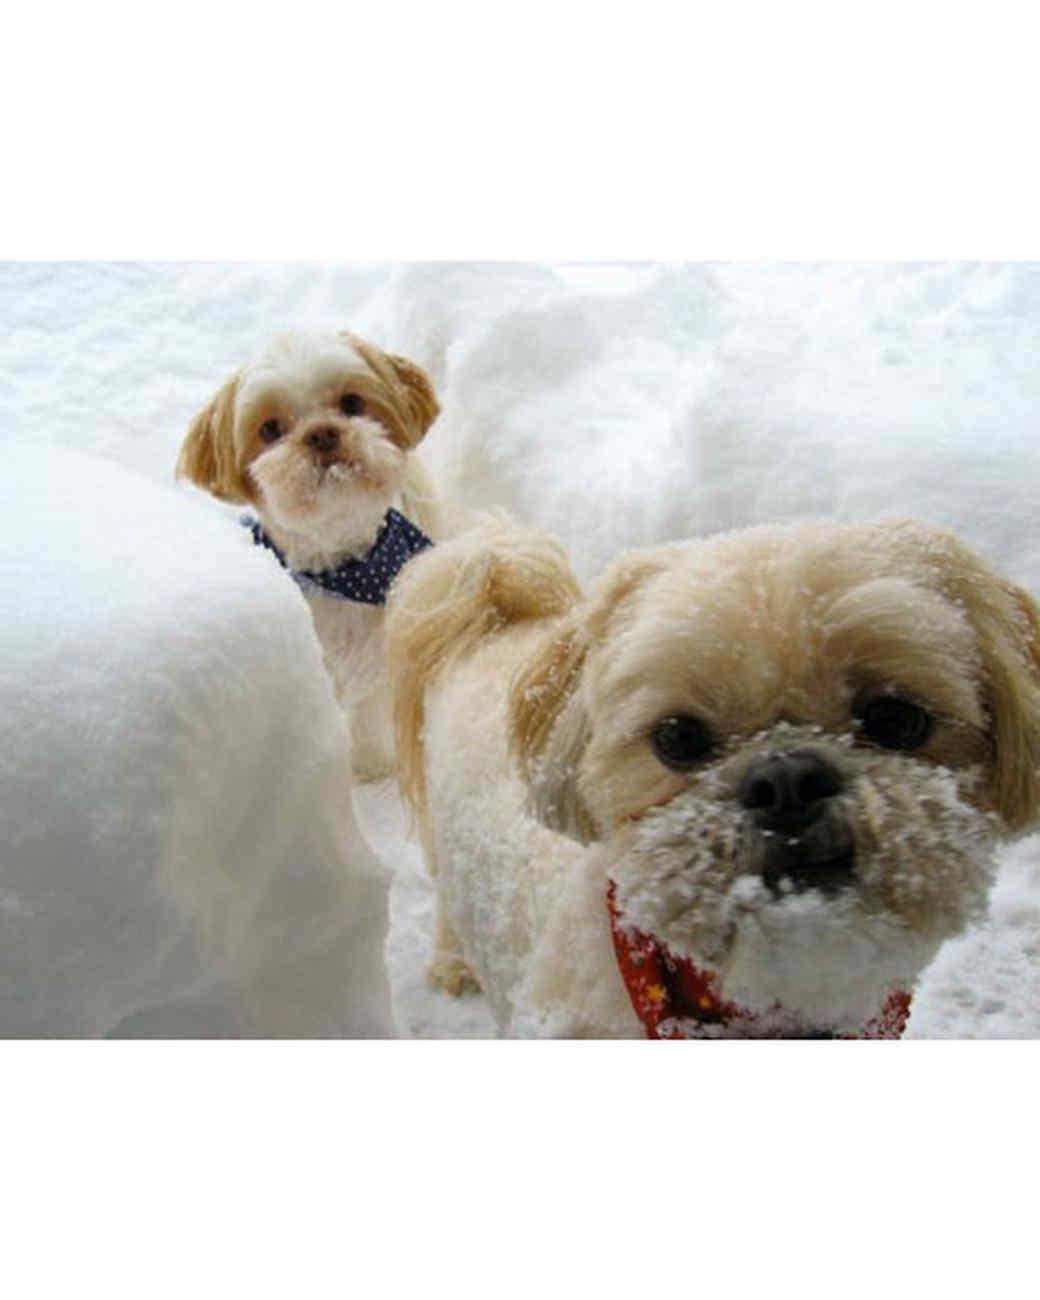 pets-at-play-0311-13170313_11055471.jpg